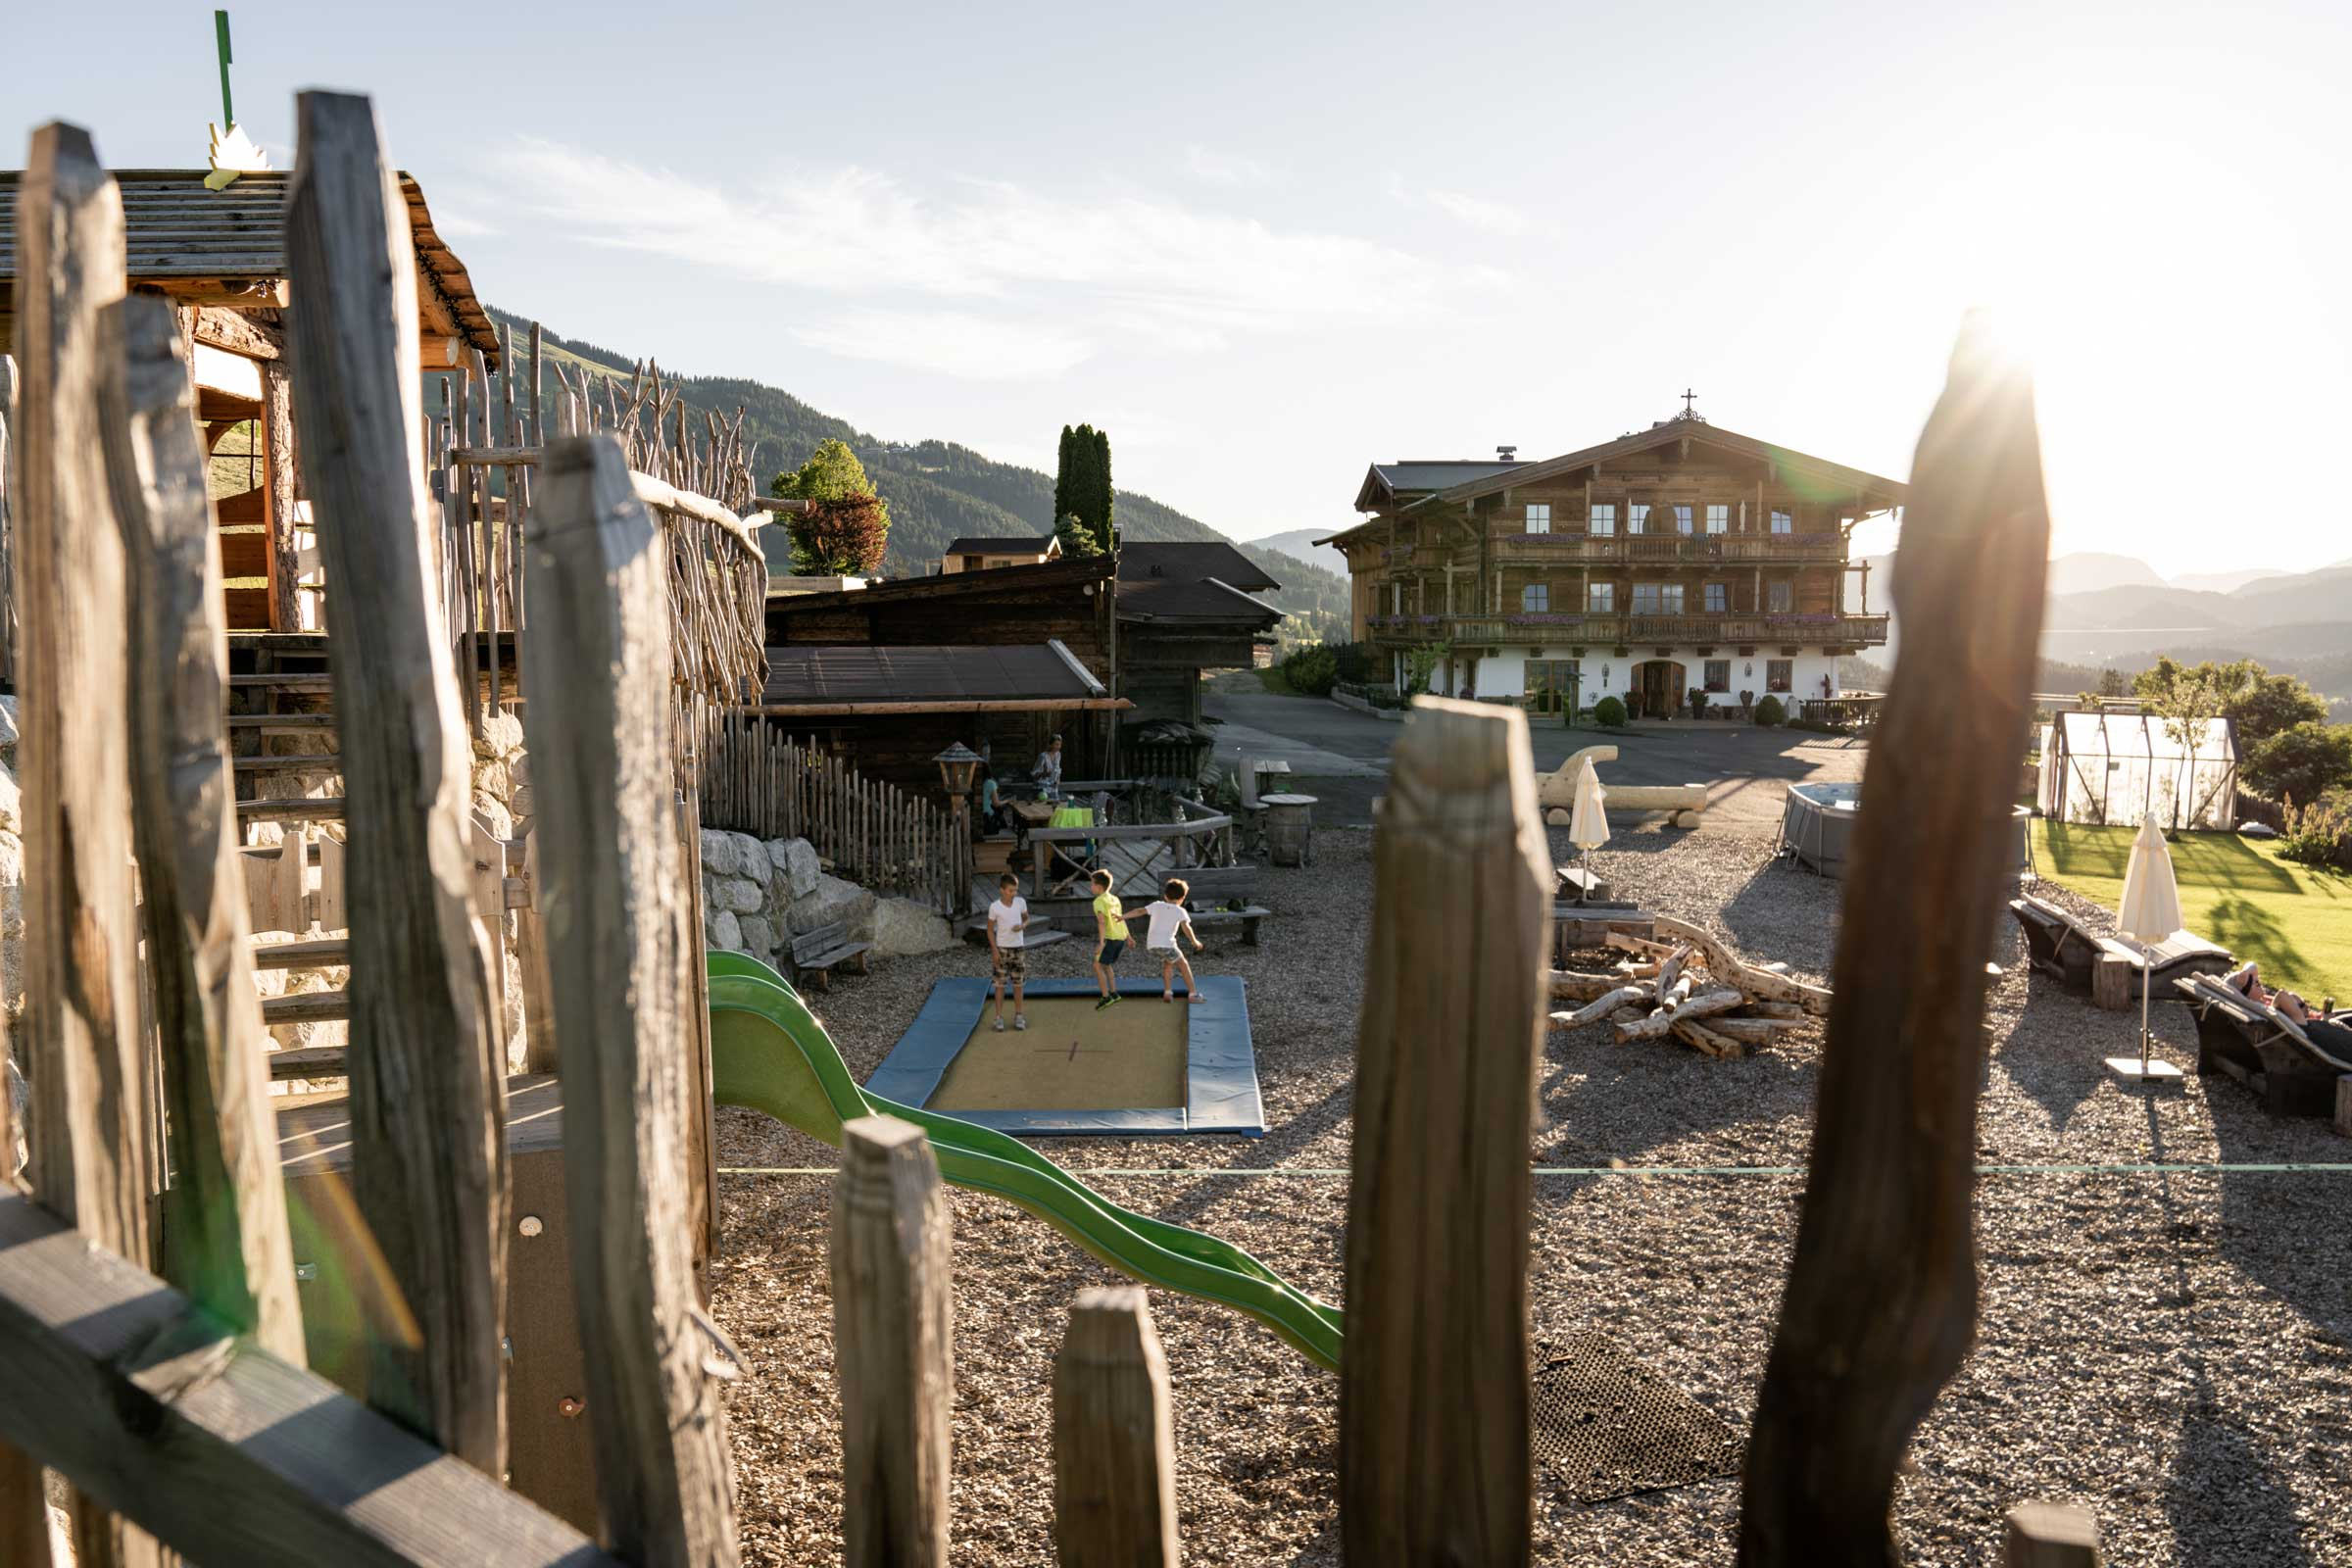 Der Blick auf den Naschberghof und seinen Kinderspielplatz.